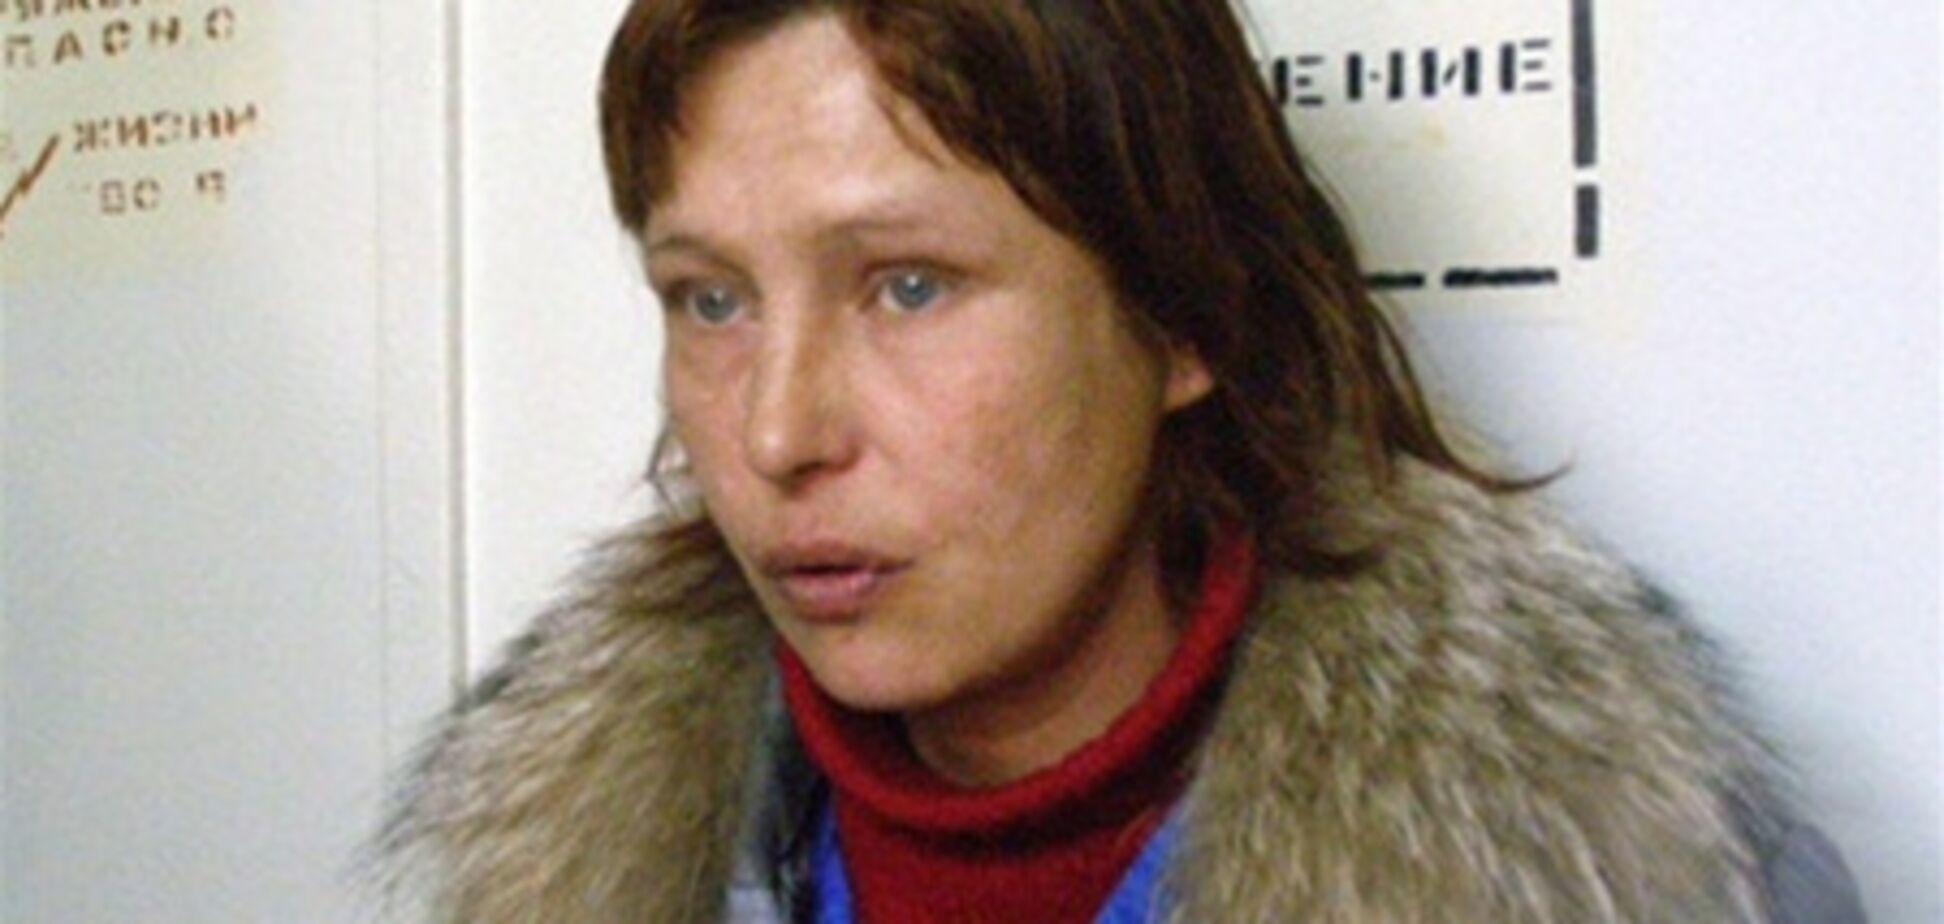 Мать Оксаны Макар передала деньги Саше Поповой